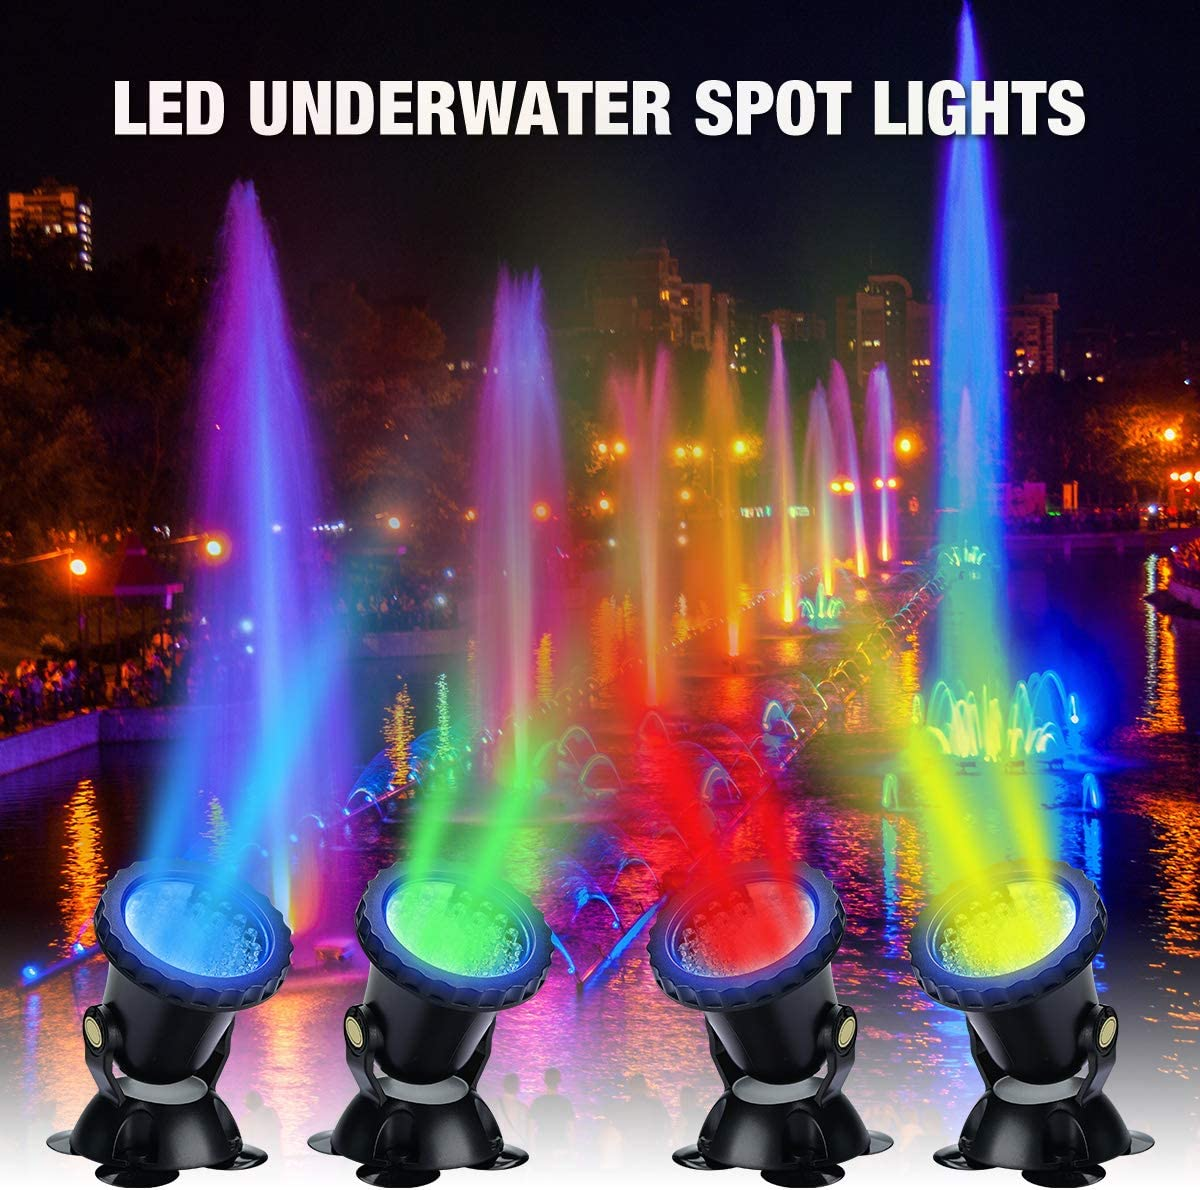 2 Pezzi Lychee LED Lighting Luci Piscina con Telecomando Sommergibili,Sommergibile luce del laghetto Impermeabile RGB Multicolore Luci di Umore Notte Luci Subacquee per Fish Tank Laghetto